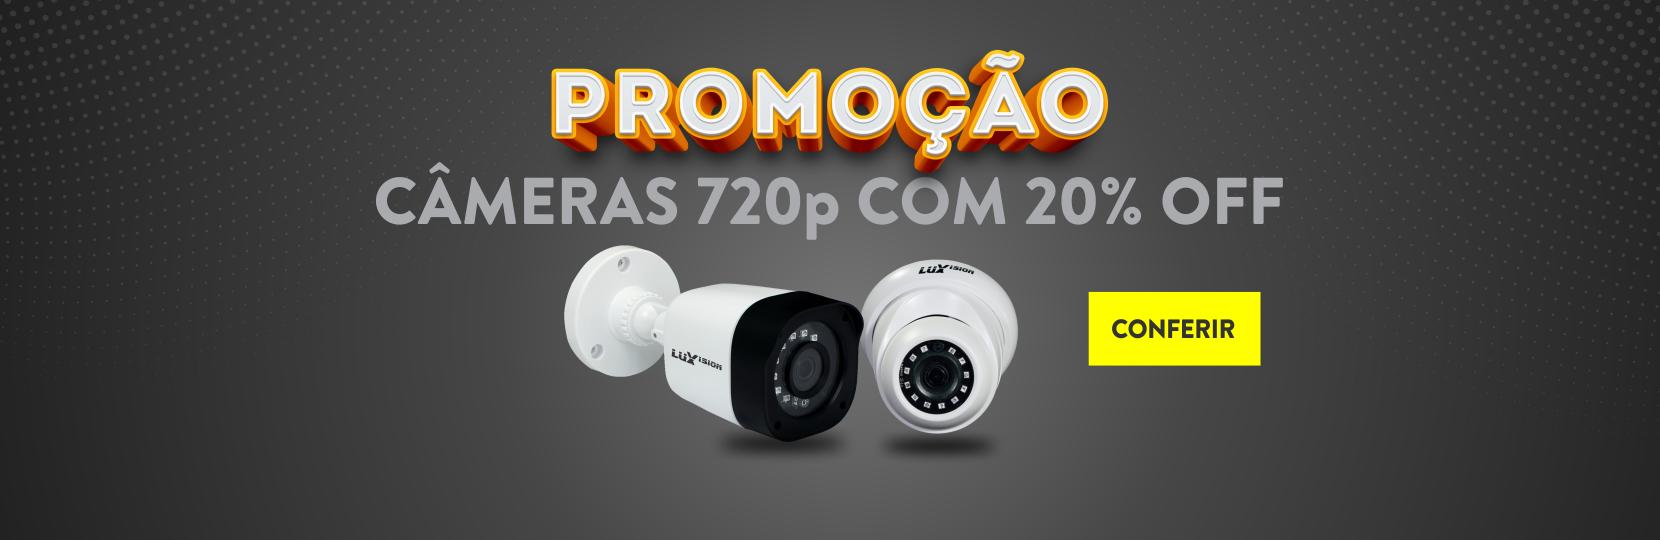 Banner promo câmera